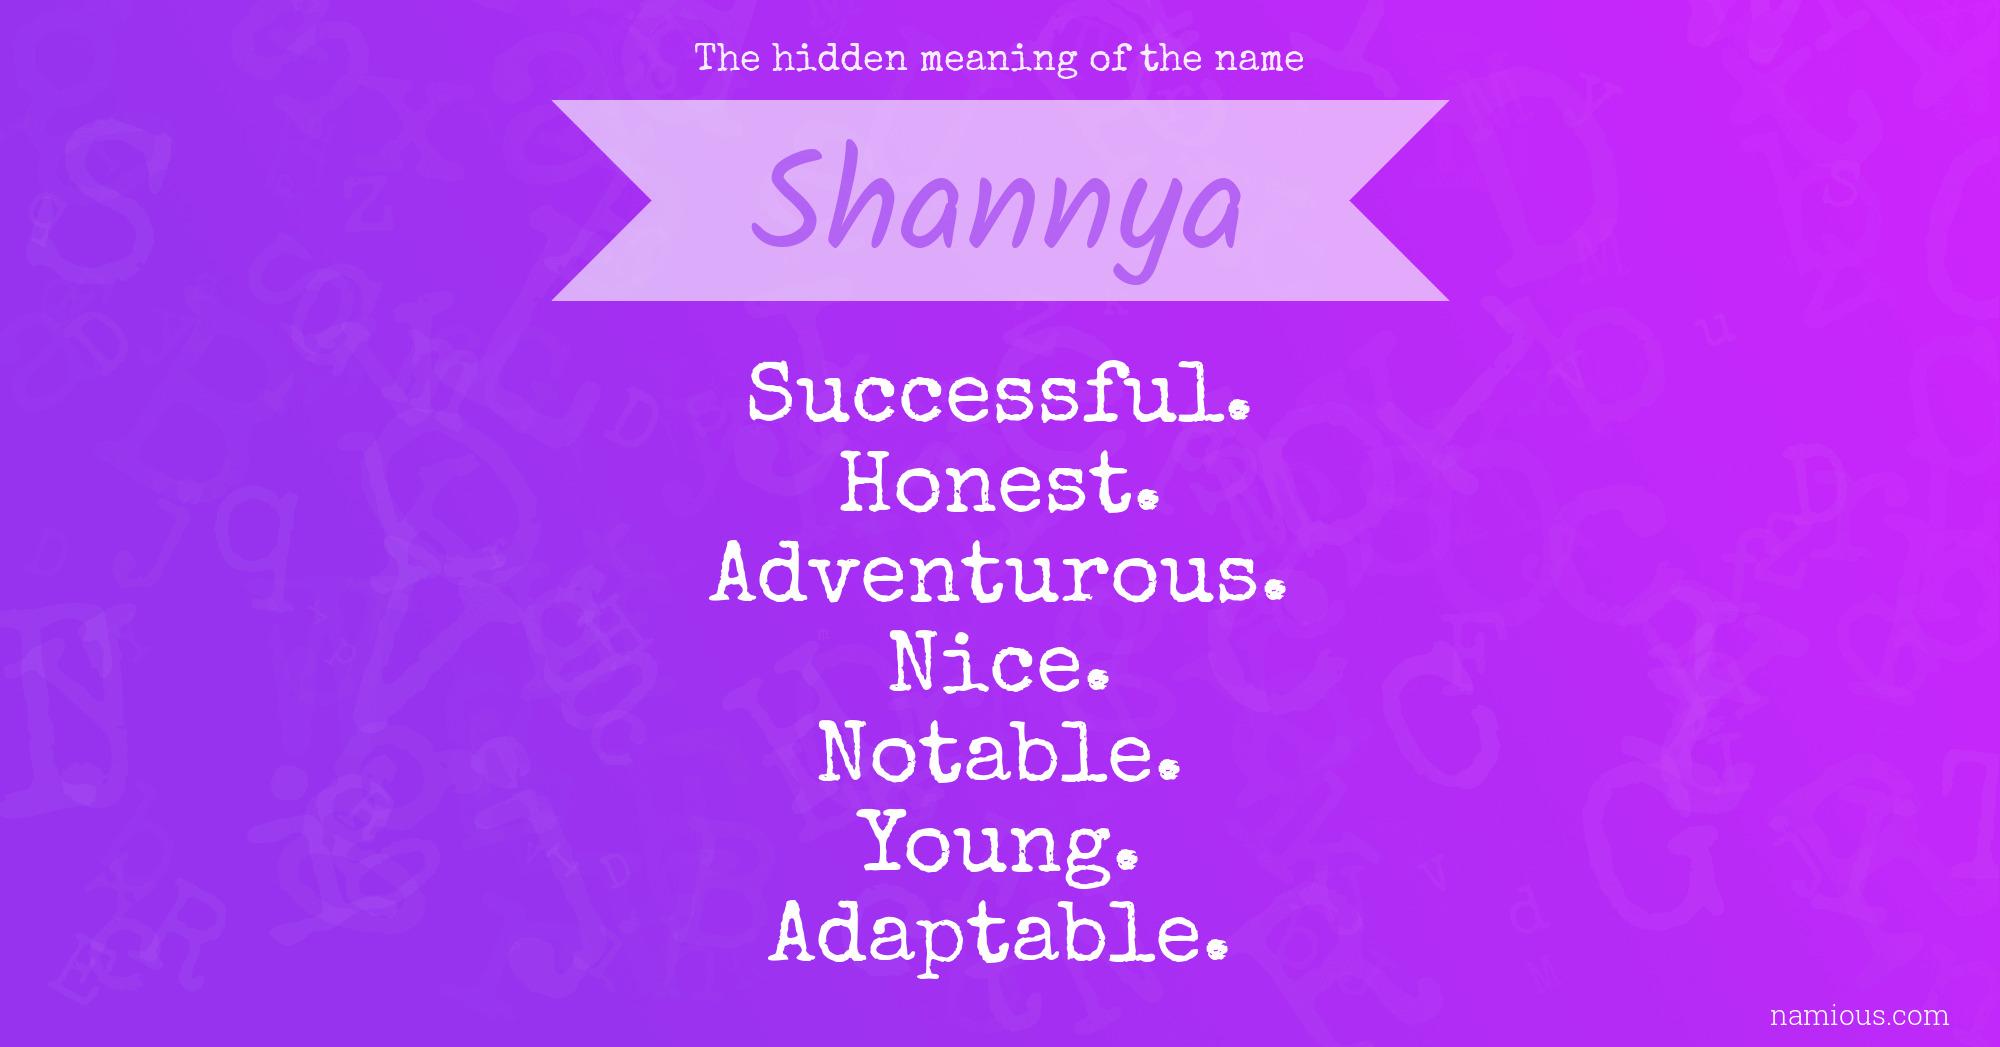 Shannya